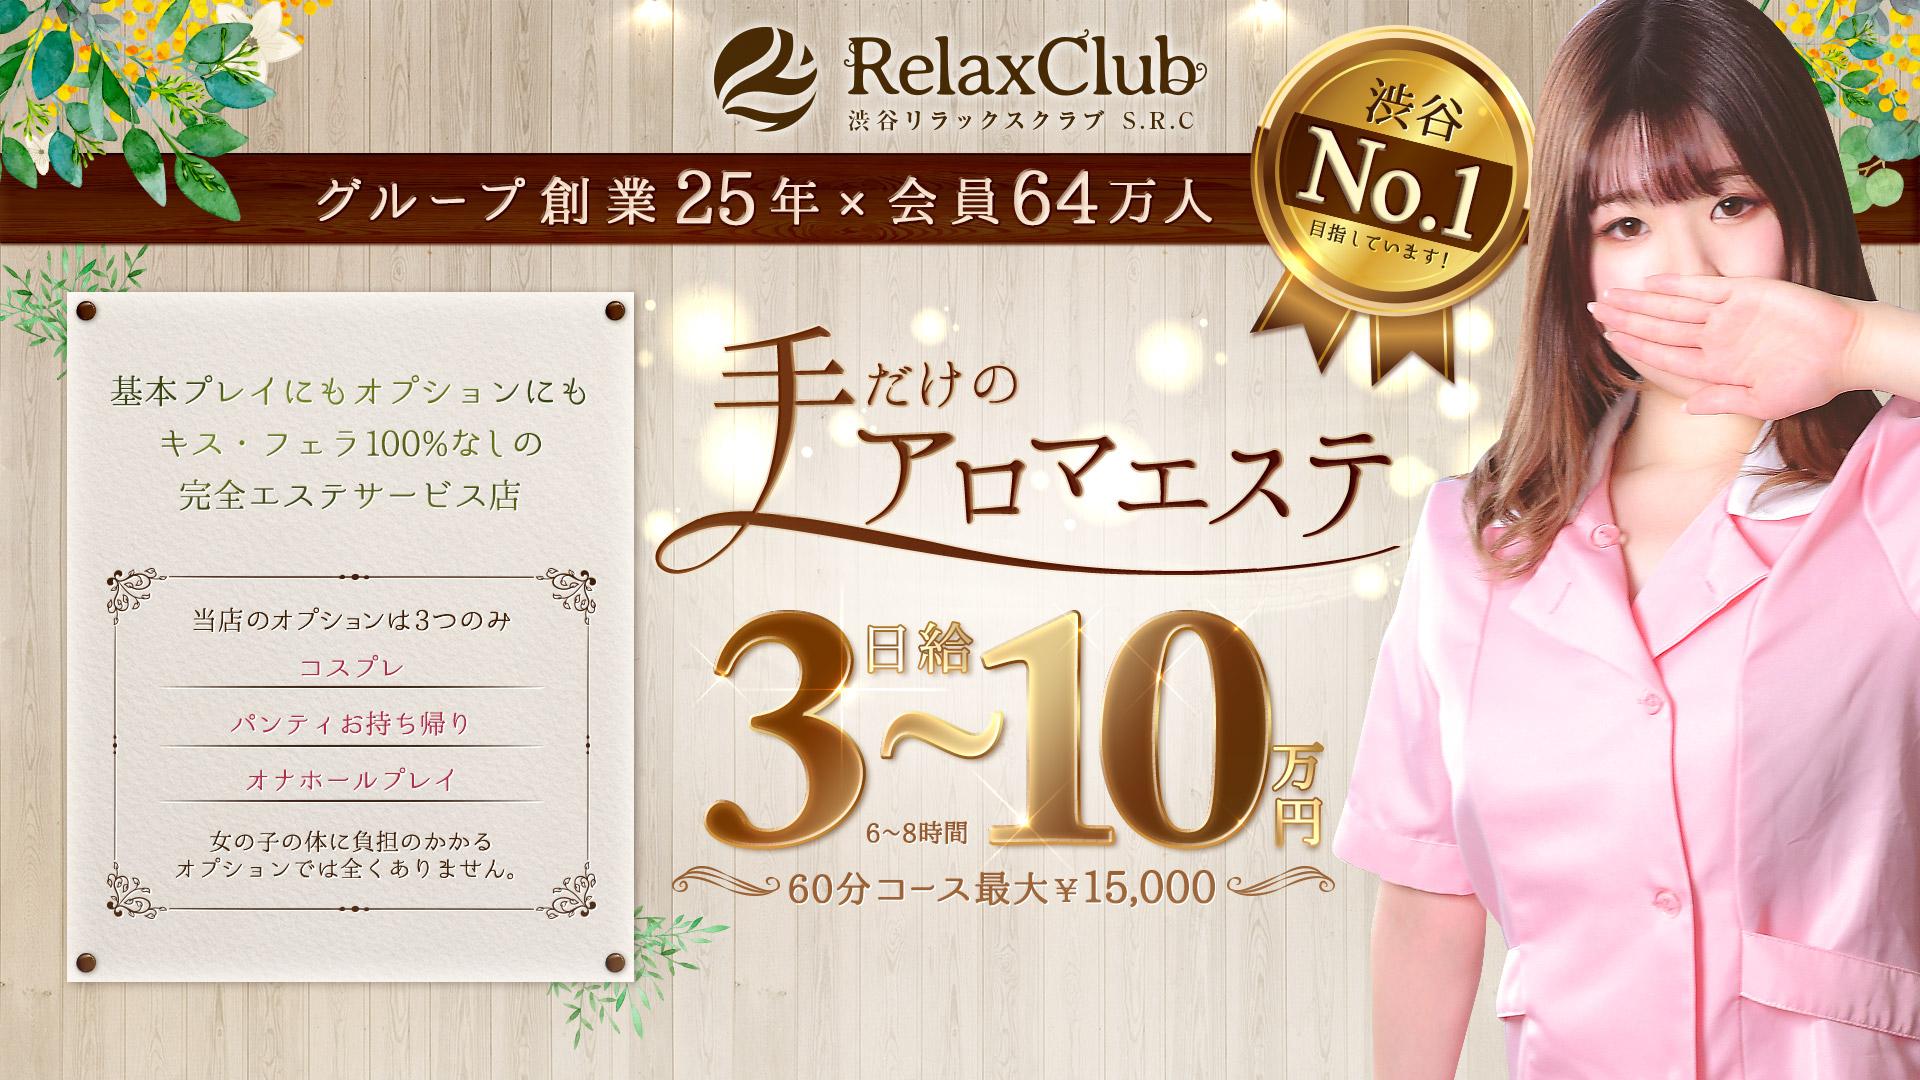 渋谷リラックスクラブ S.R.Cの求人画像